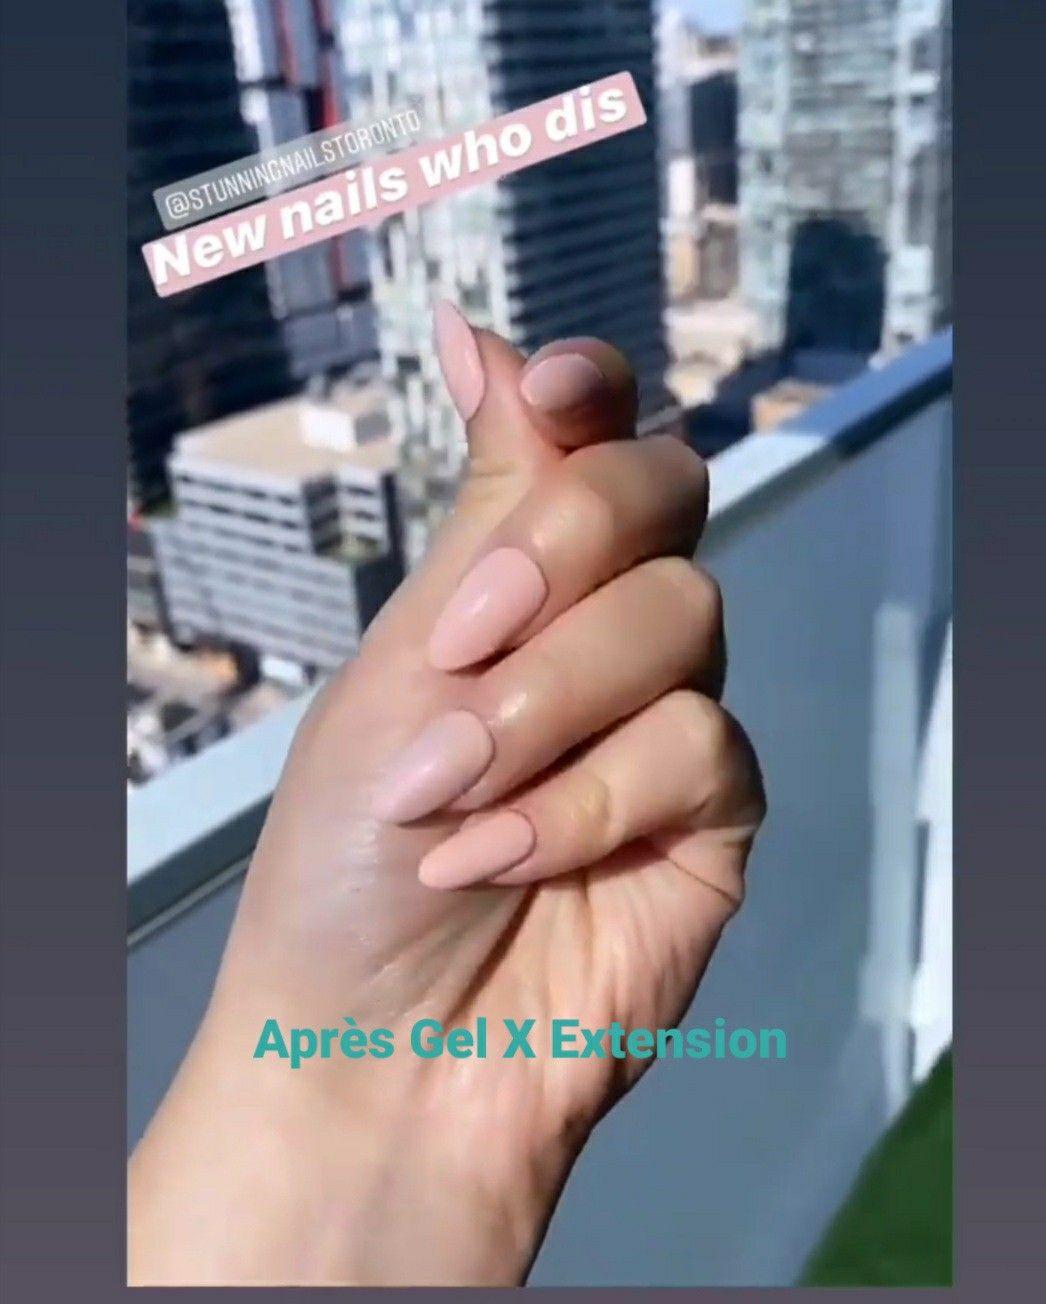 #apresgelx#après#aprésgelx#torontonailsbar#nailextension#gelnailsaddict#nailartaddicted#eyenvy